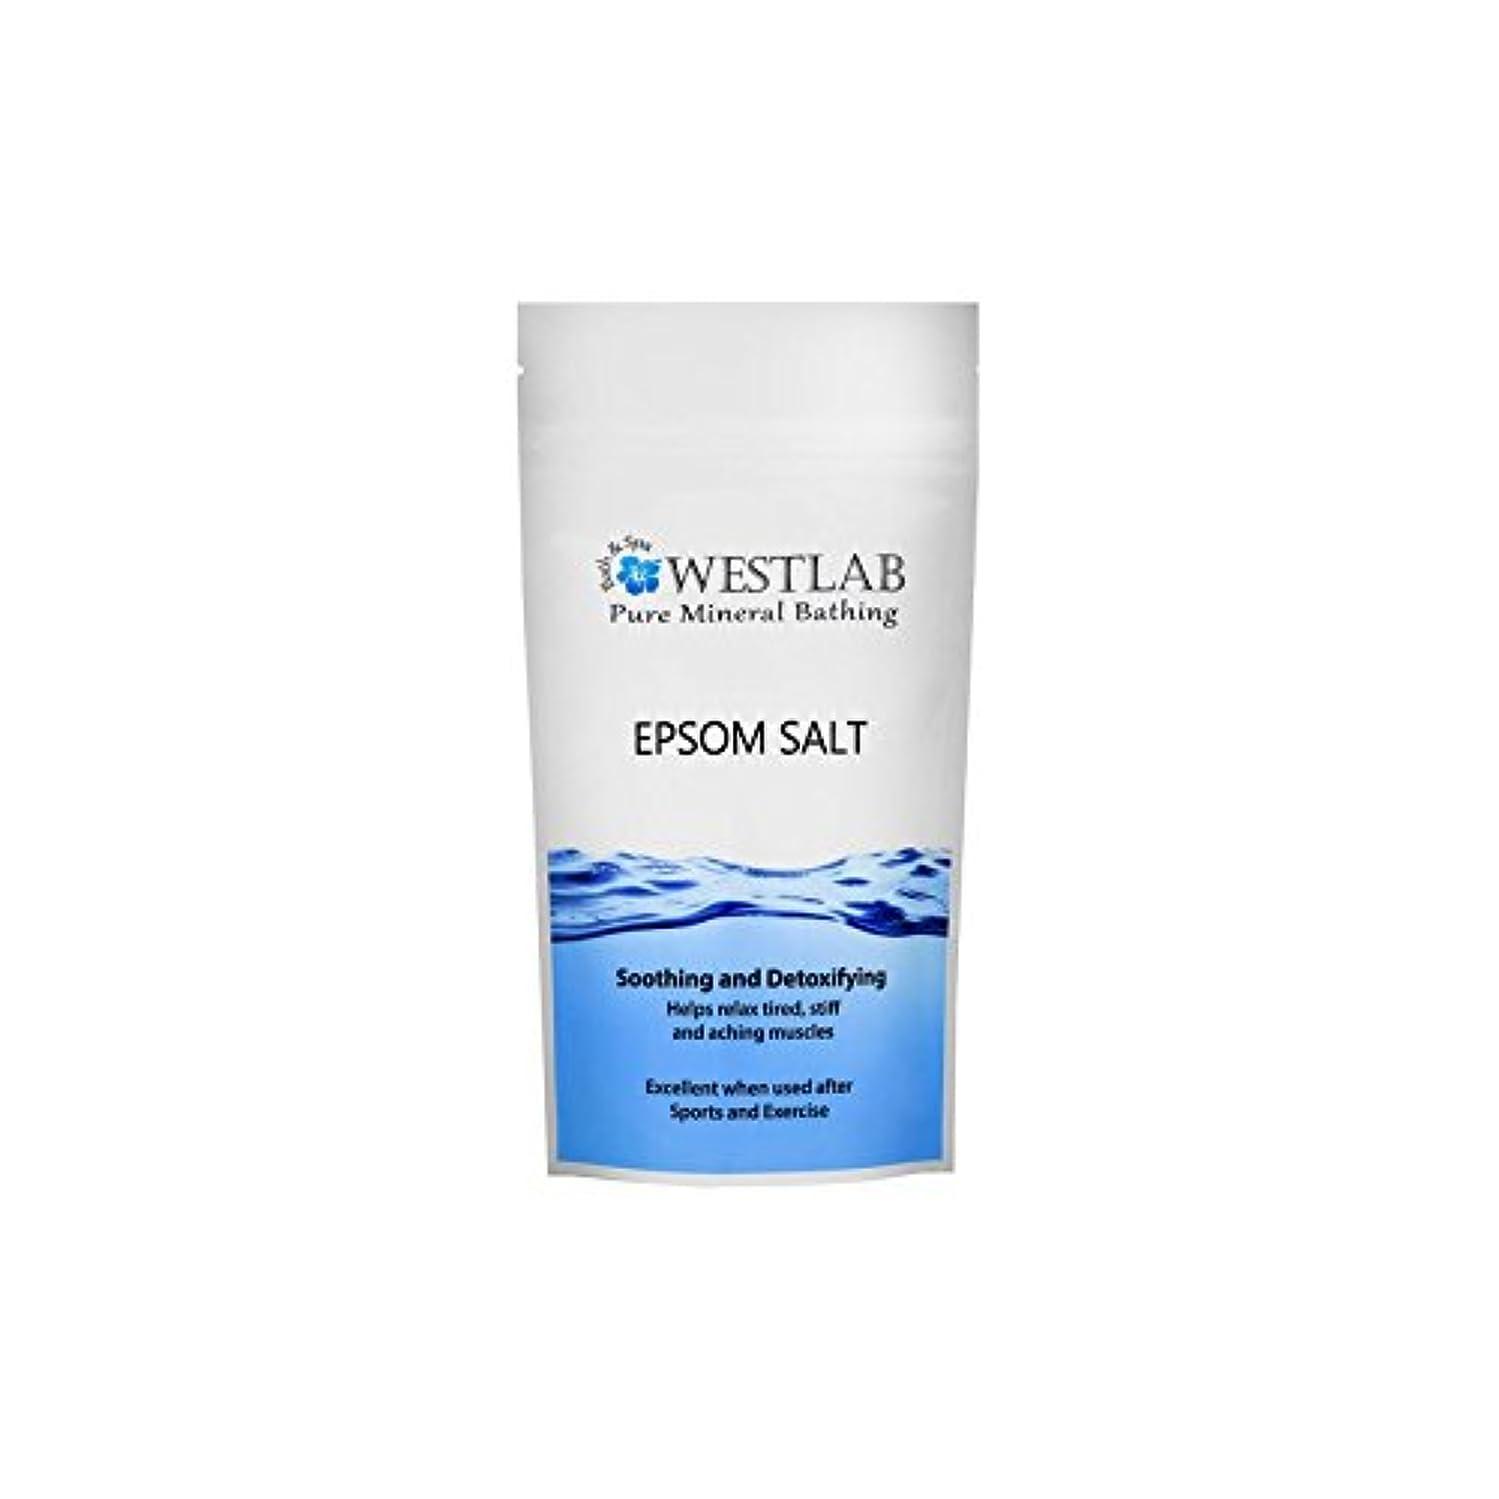 道徳社会主義パワーセルエプソム塩の2キロ x4 - Westlab Epsom Salt 2kg (Pack of 4) [並行輸入品]